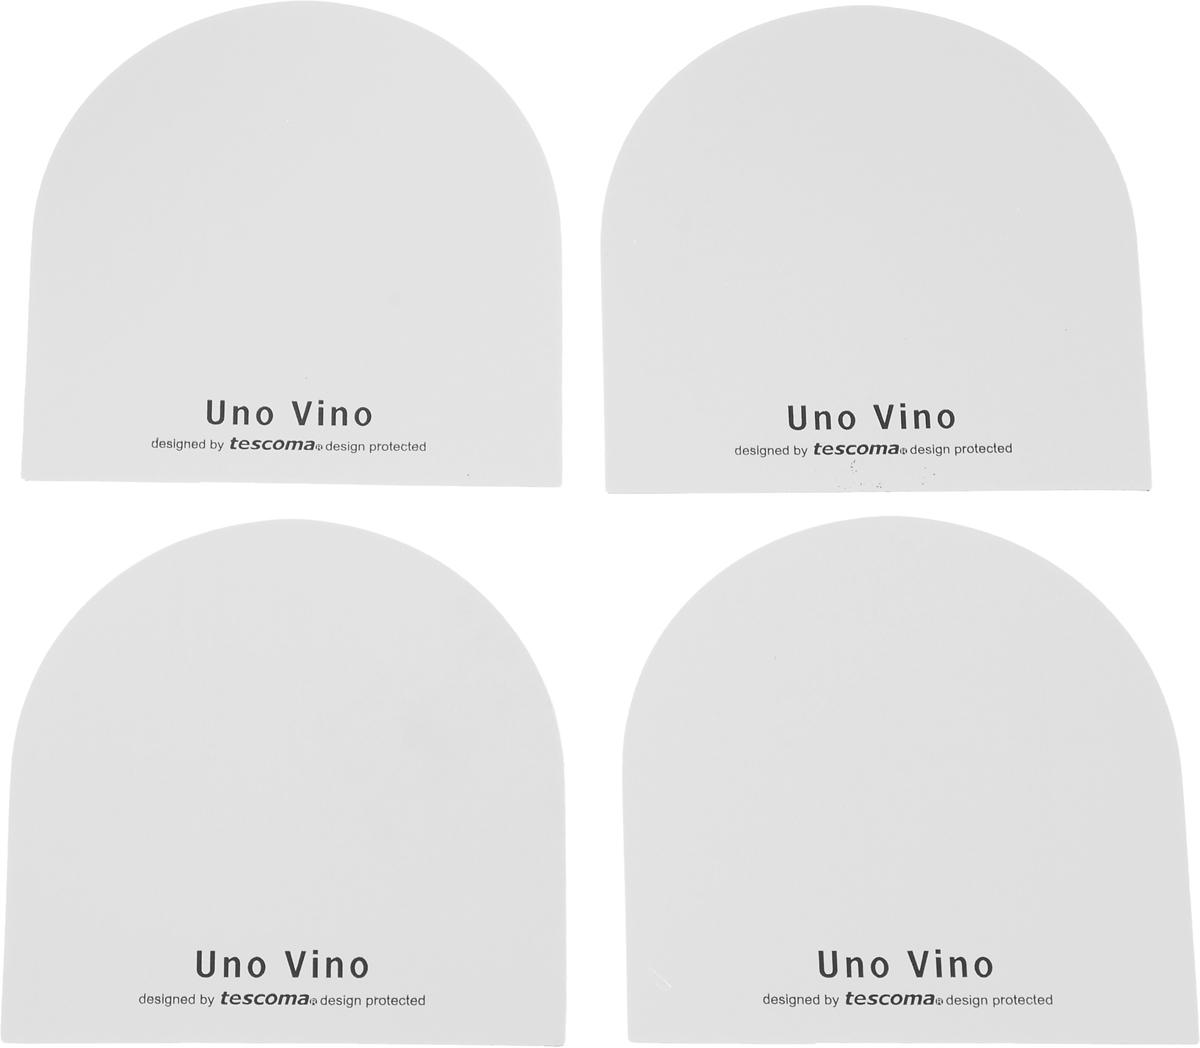 Воронка гибкая Tescoma Uno Vino, 4 шт695524Гибкая воронка Tescoma Uno Vino выполнена из высококачественного алюминия. Предназначена для сервировки стола. Воронку скрутите и вставьте ровным краем в горлышко бутылки таким образом, чтобы она выступала на 3 см. Изделие пригодно для всех стандартных типов винных бутылок и предназначено для многоразового использования.